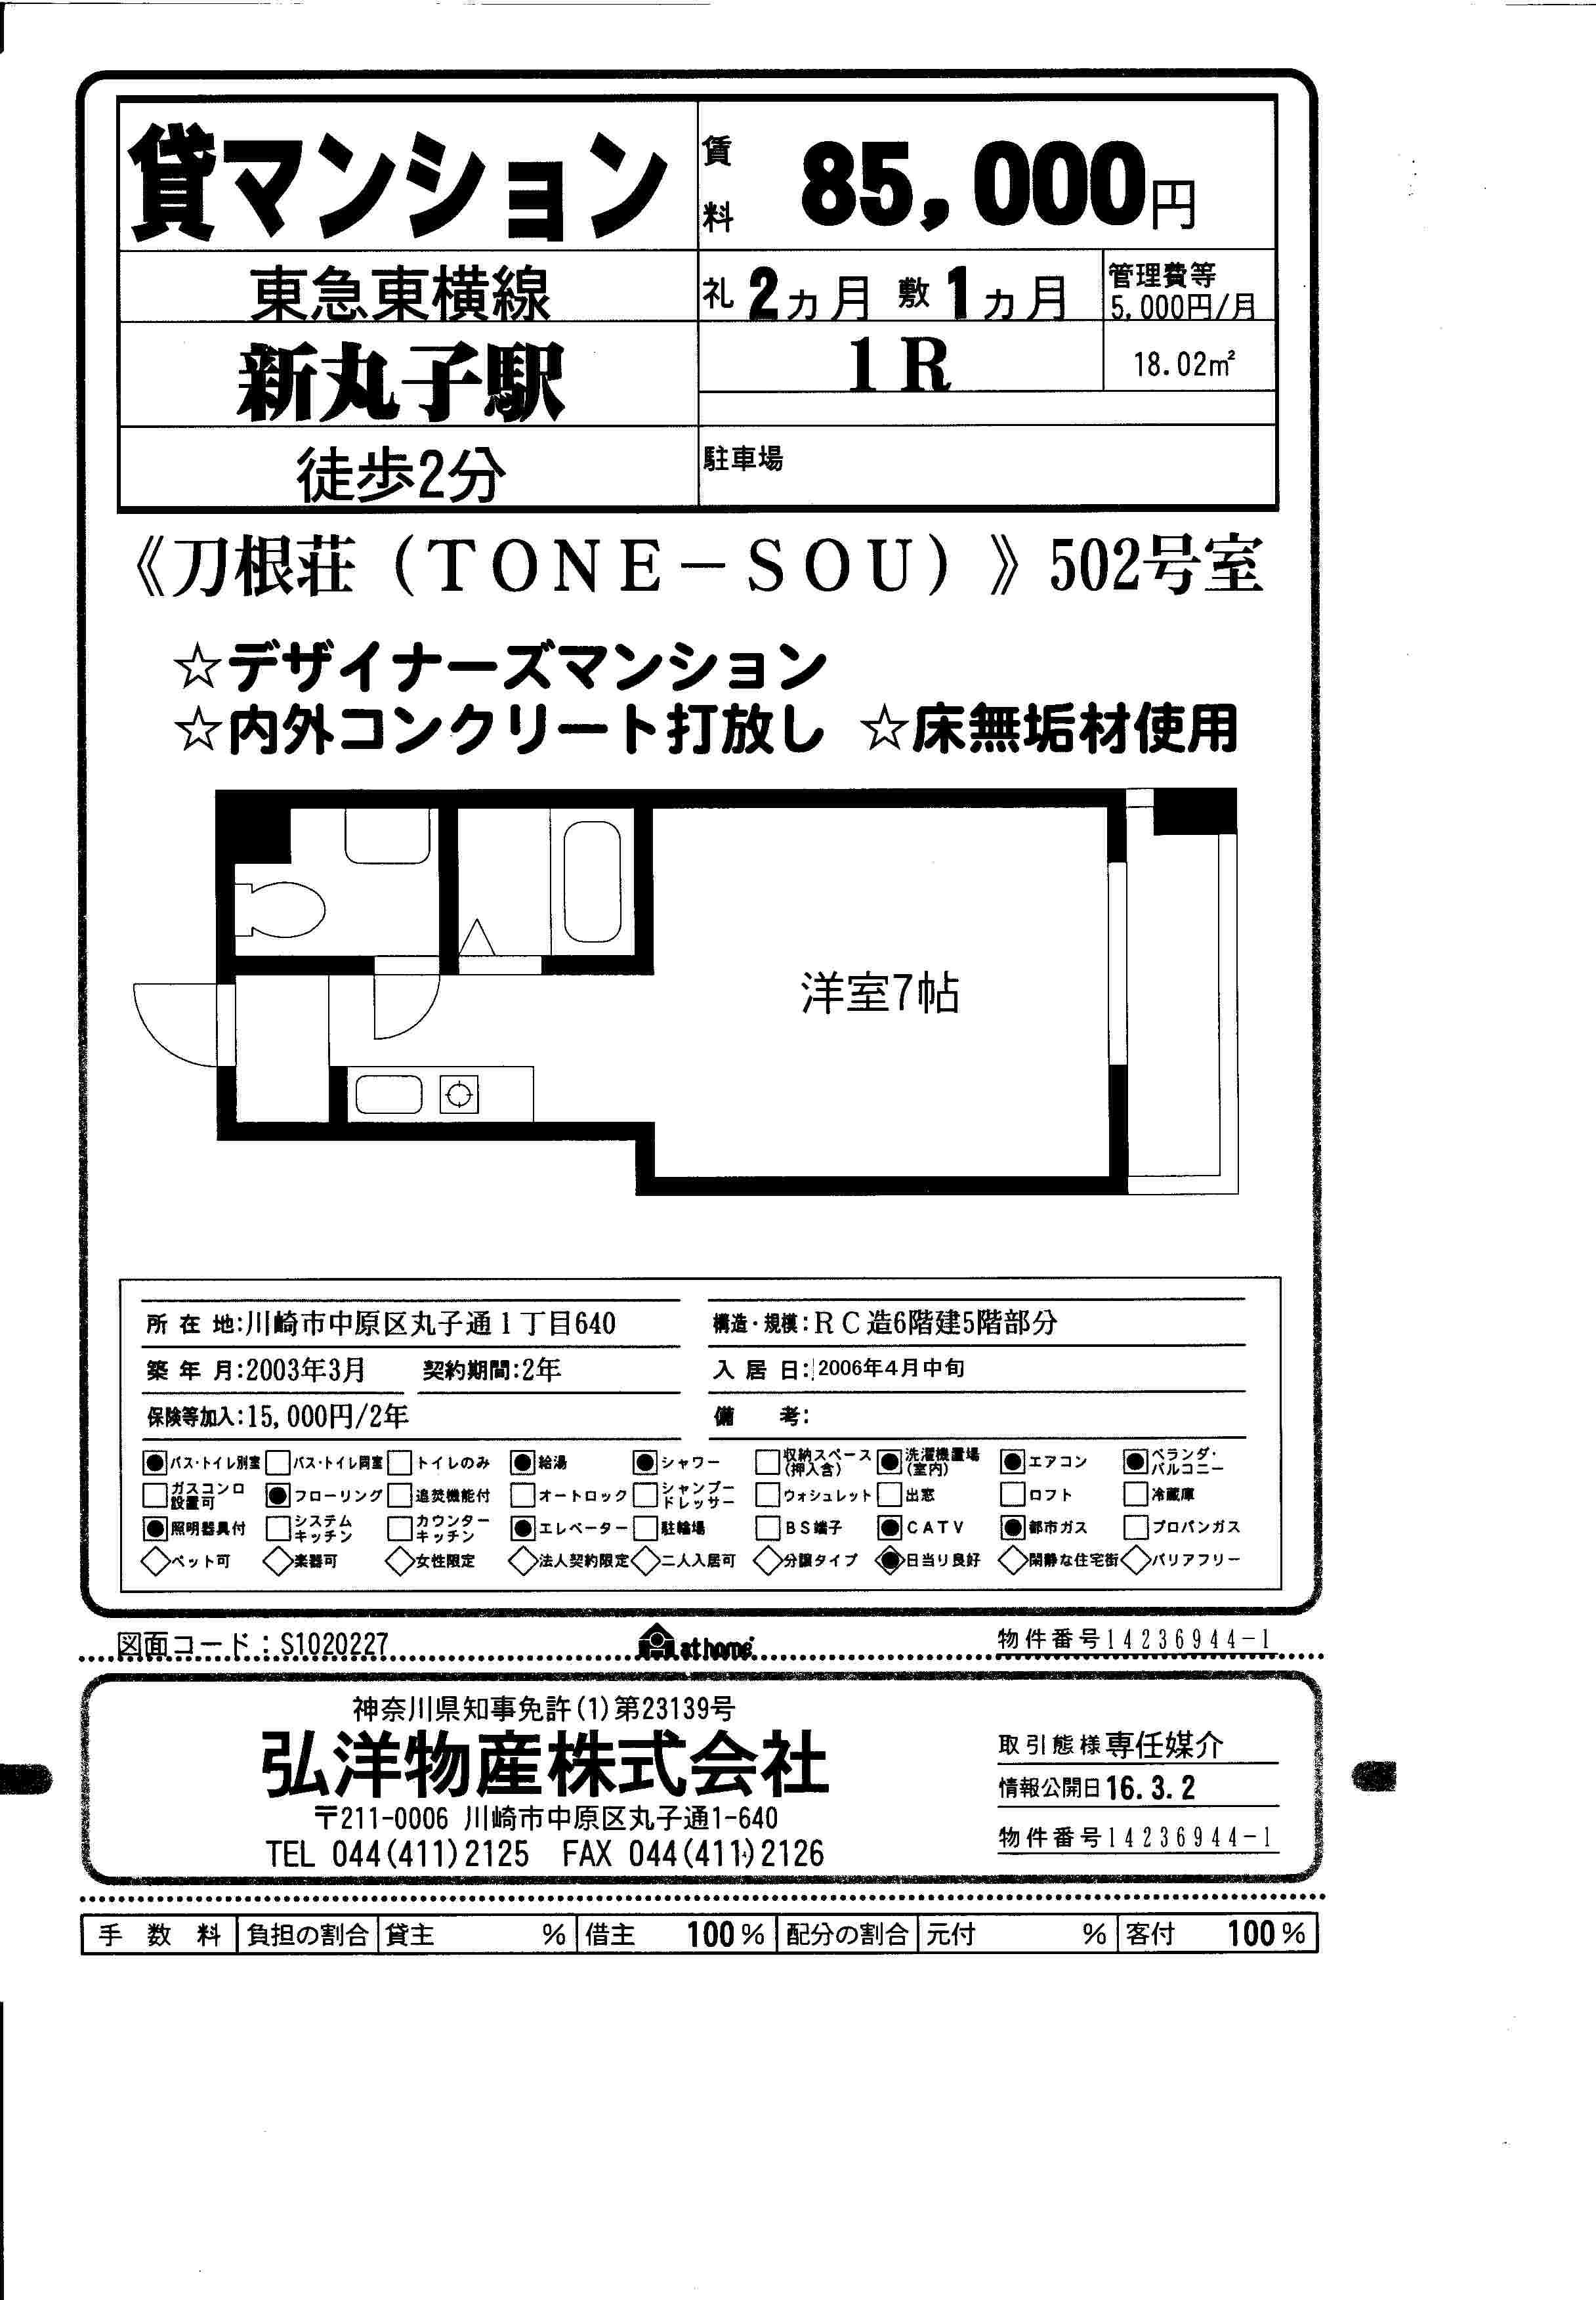 入居者募集中新丸子歩2分 1R 85000円_d0057733_12193861.jpg